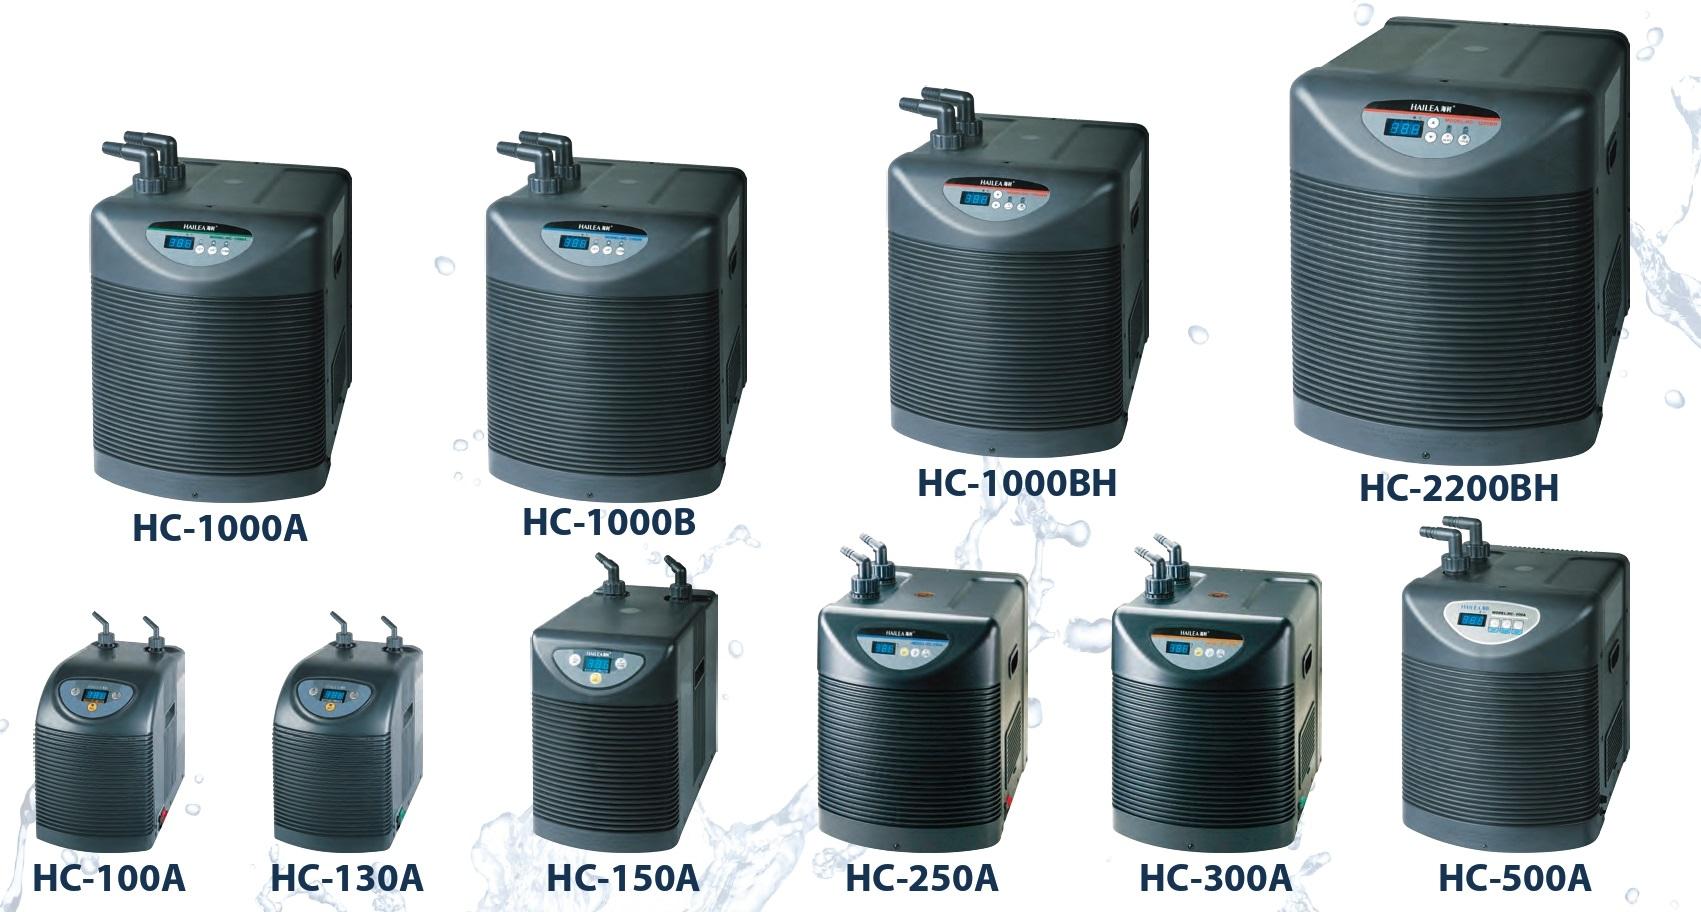 ХОЛОДИЛЬНИК HAILEA HC-500А (Чиллер)